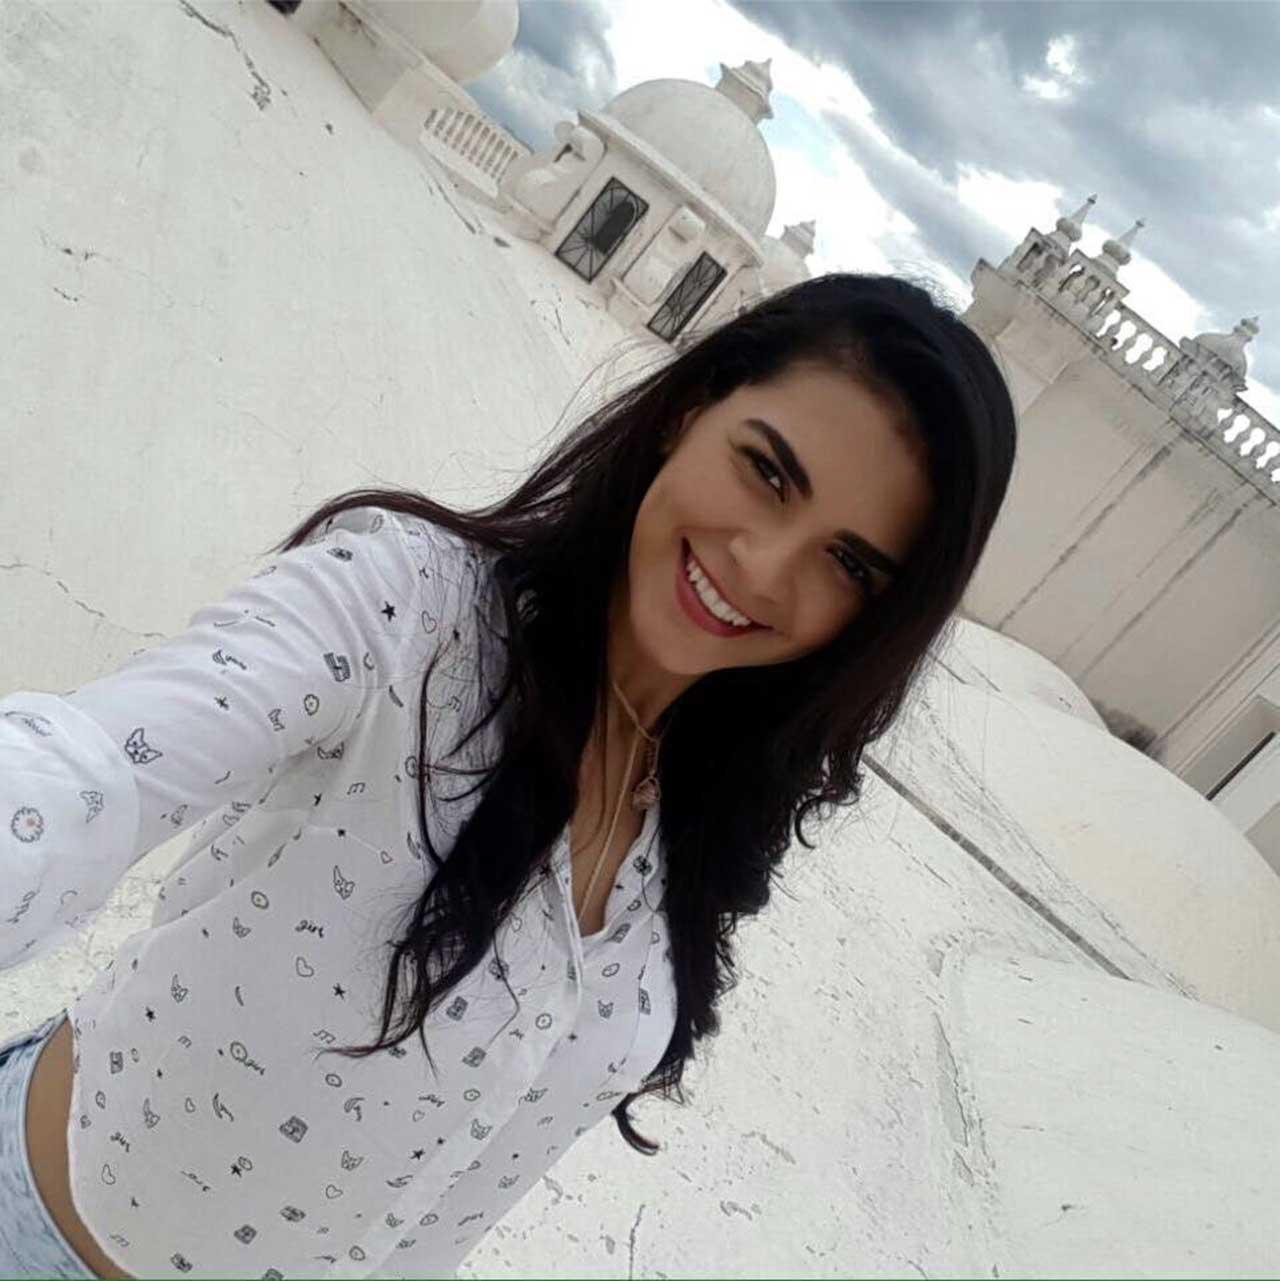 Raynéia Gabrielle Lima, estudante de Medicina na Universidade Americana em Manágua, morta por paramilitares sob comando de Daniel Ortega